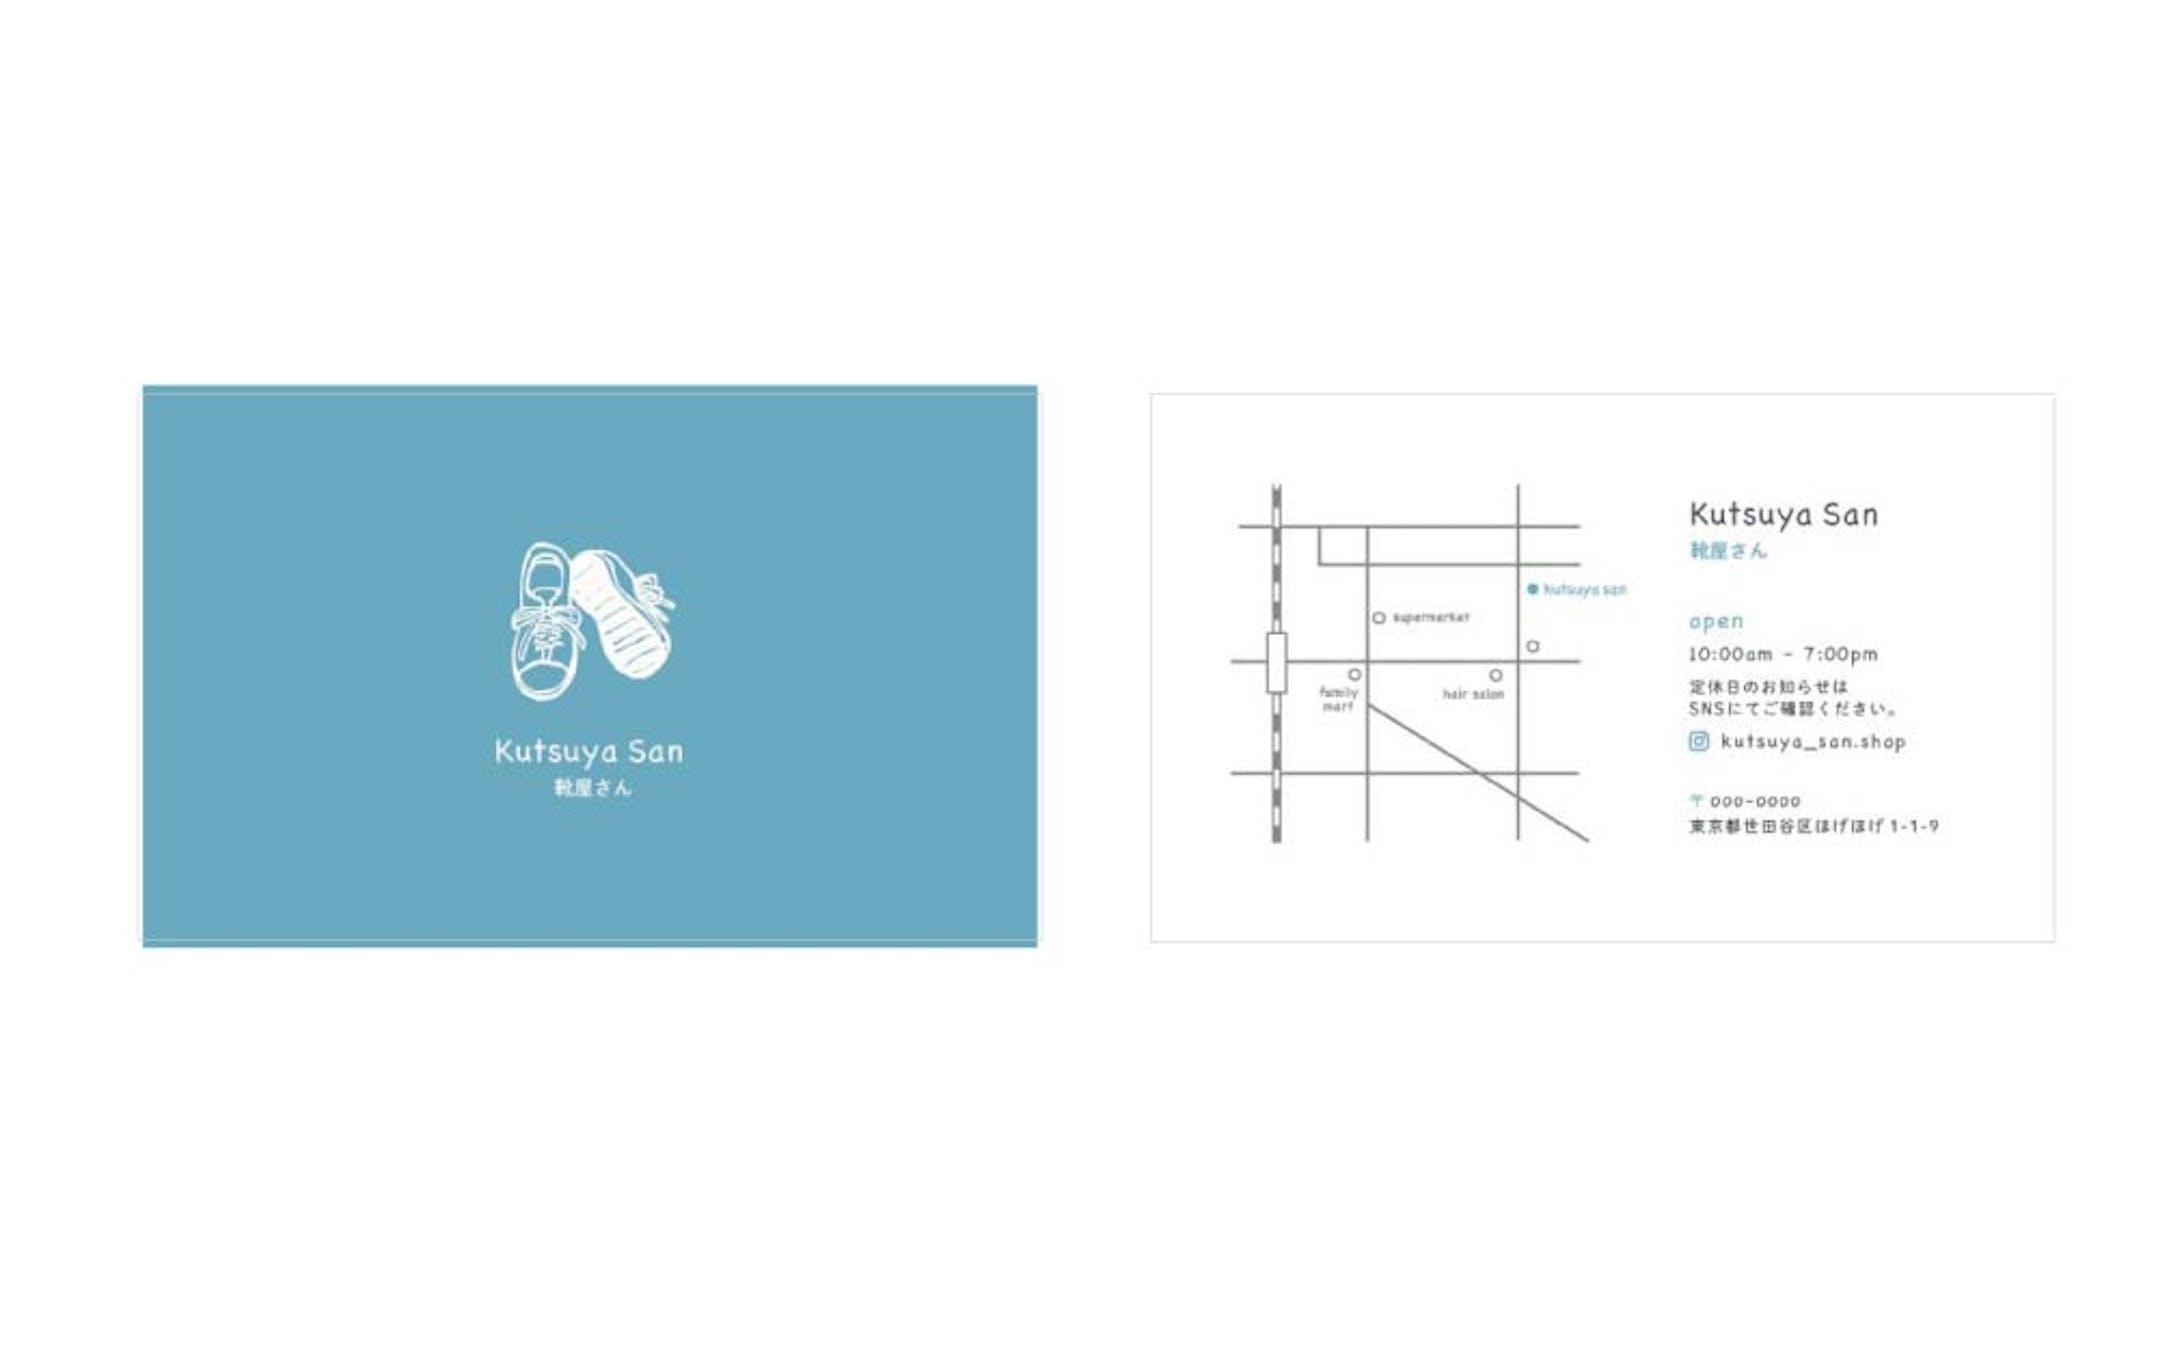 【デザイン/イラスト】靴屋のショップカード-3